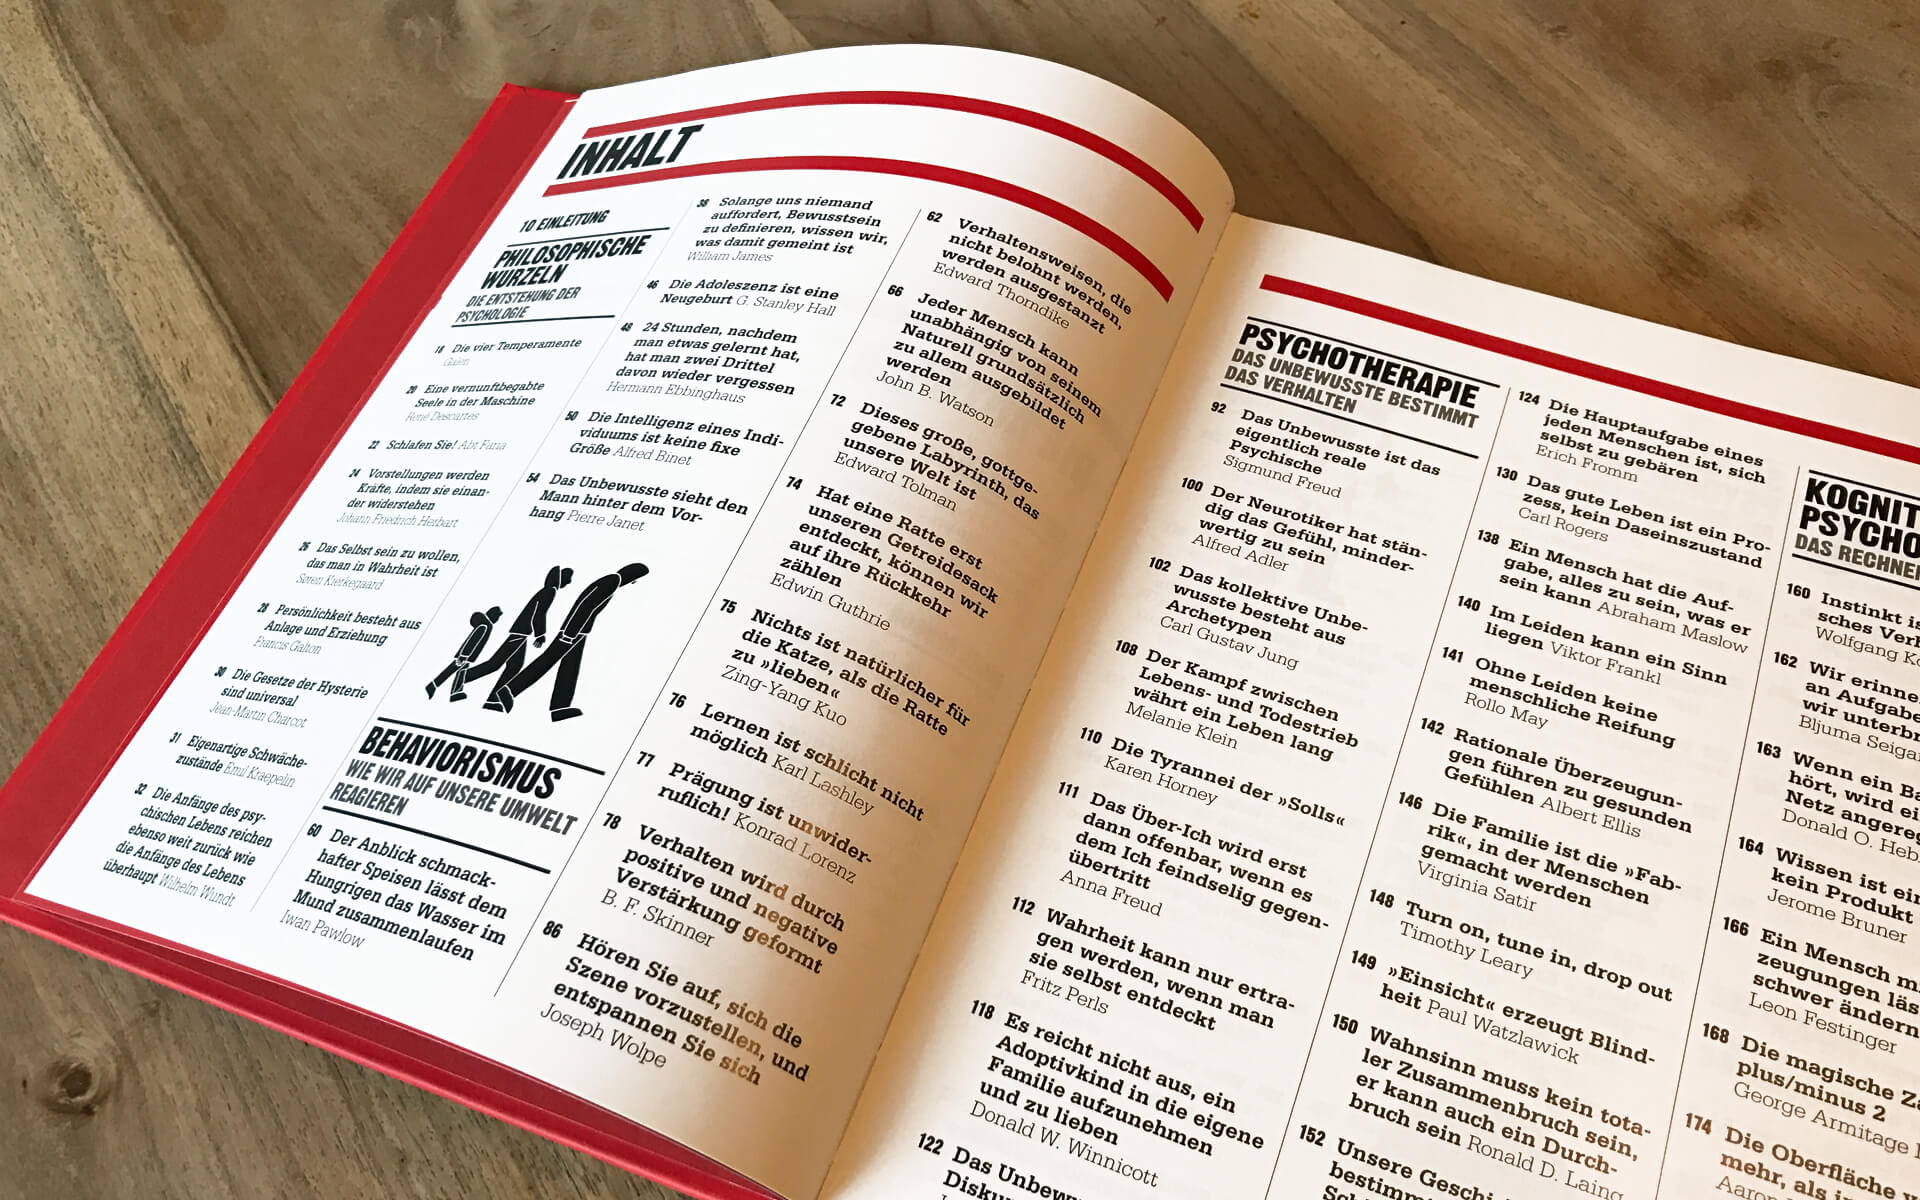 Buch-Tipp, Das Psychologie-Buch, Inhaltsangabe